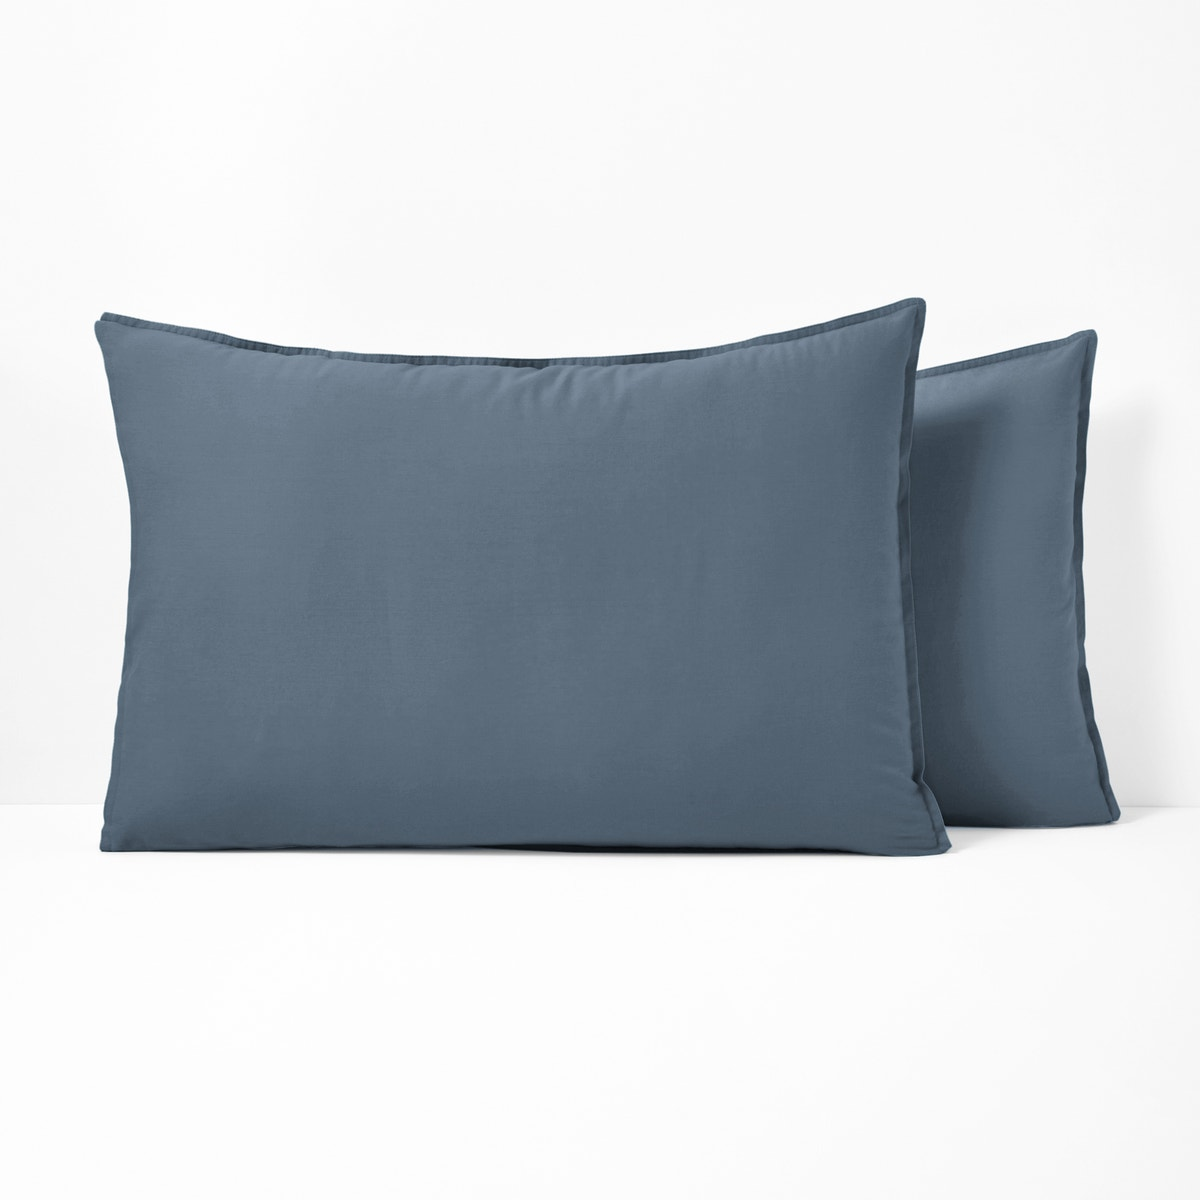 SCENARIO ウォッシュ加工 コットン枕カバー